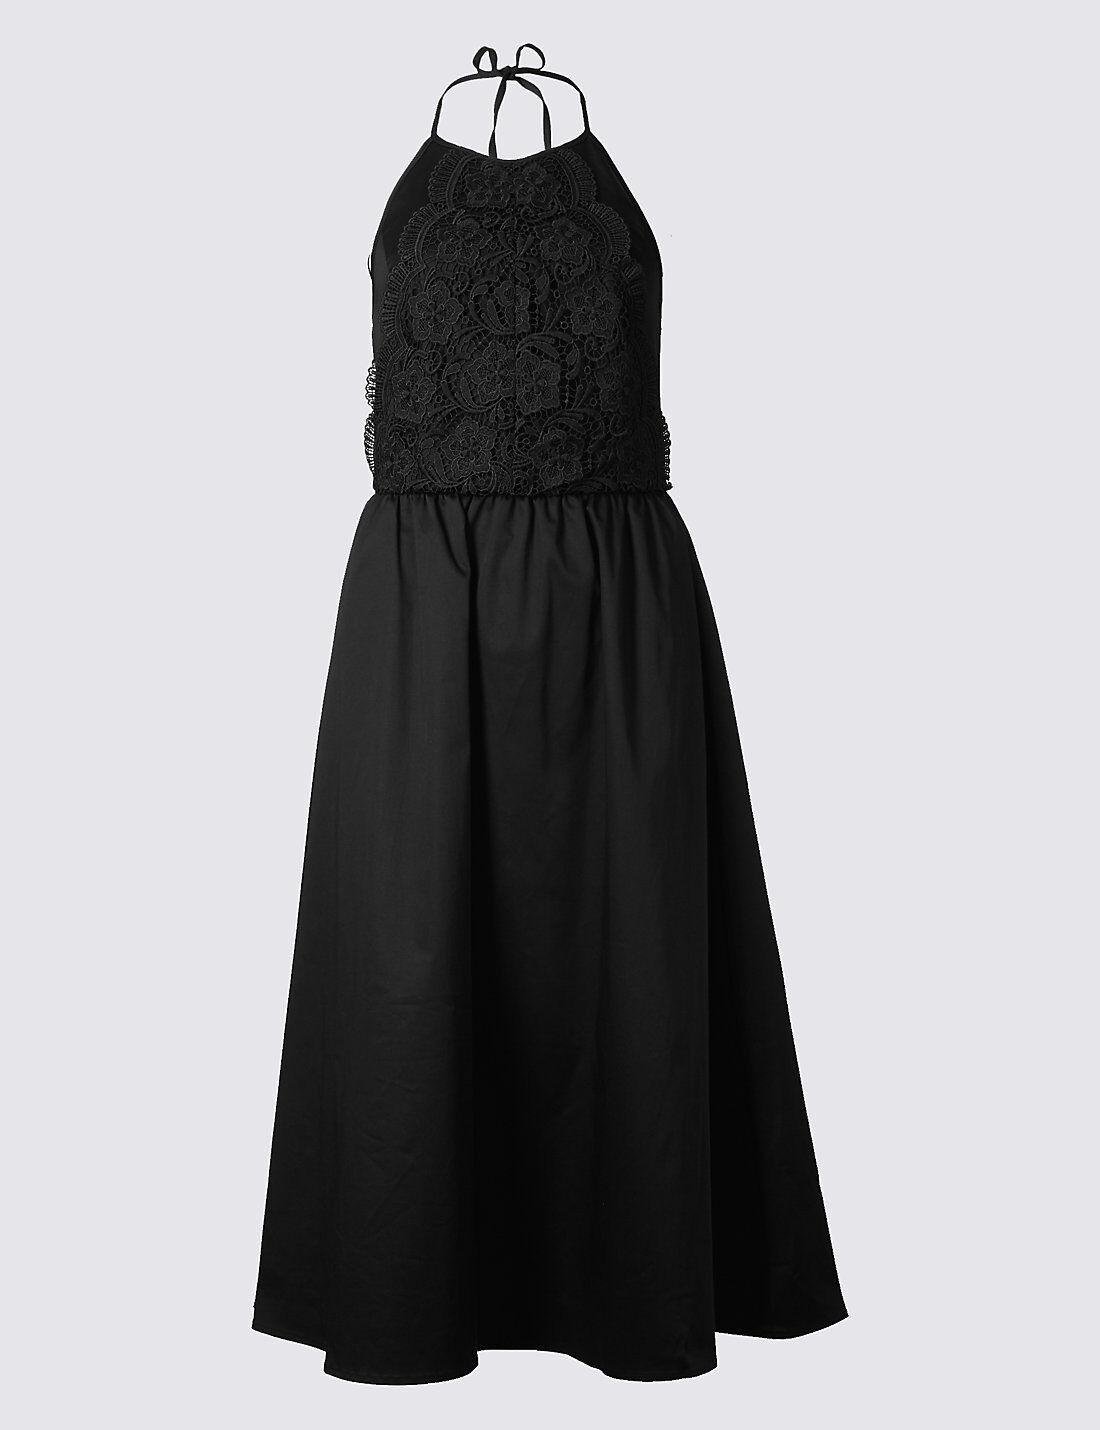 M&S COLLECTION Cotton Rich Embroiderot Skater Midi Dress PRP PRP PRP | Deutschland Frankfurt  | Niedrige Kosten  | Starke Hitze- und Abnutzungsbeständigkeit  99107d